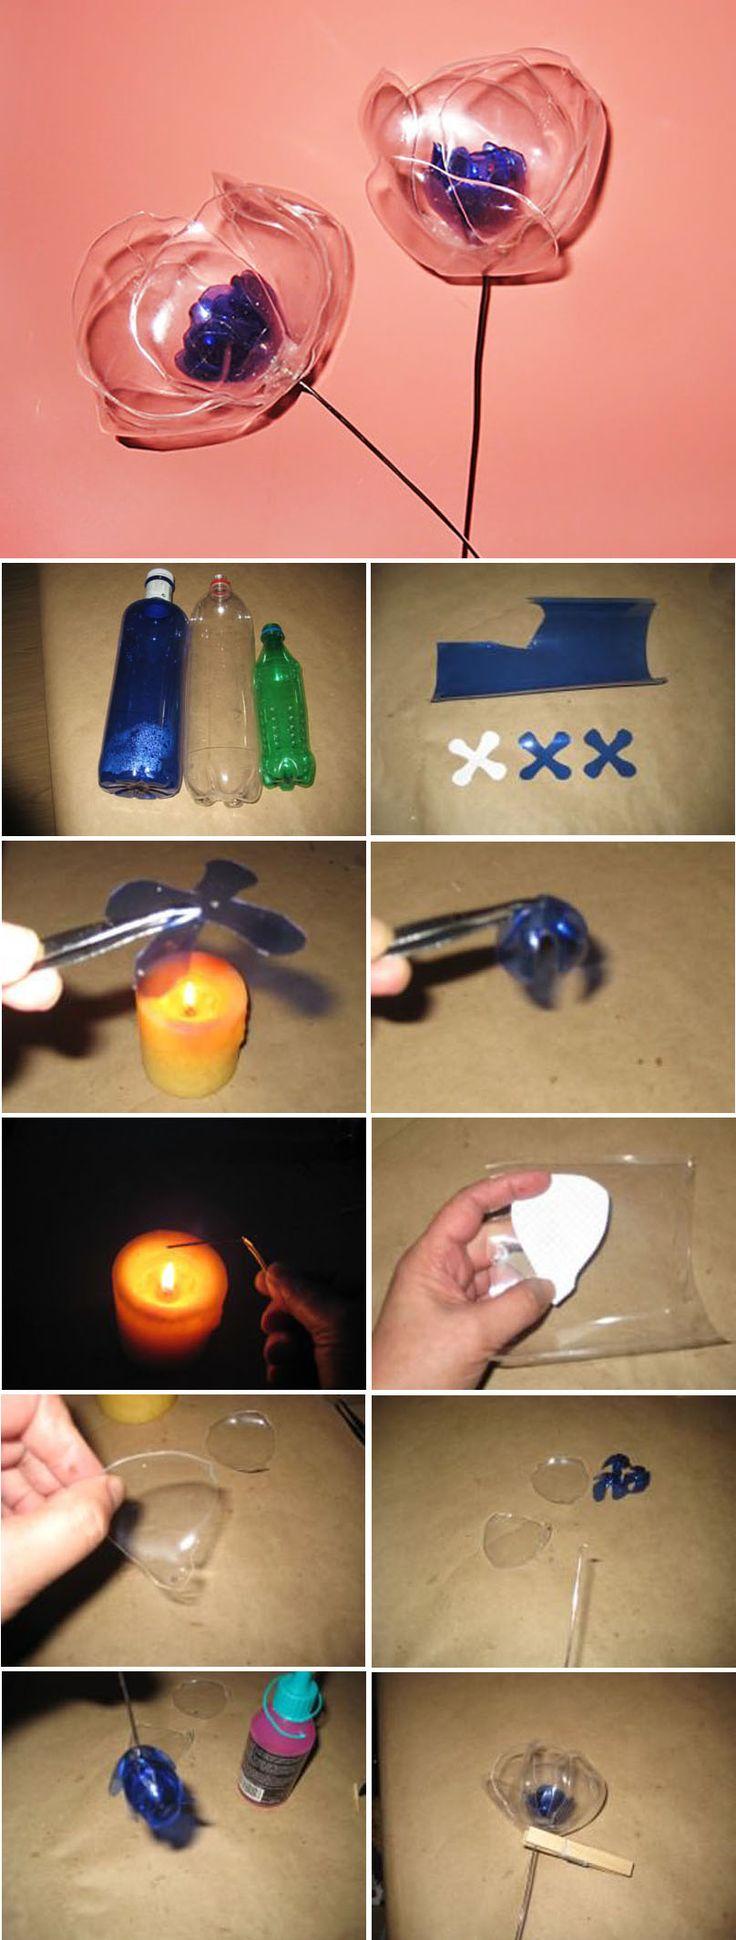 Haz bonitas flores con botellas de plástico. A pesar de que puede parecer un trabajo complejo y laborioso, es realmente sencillo.  En este enlace http://bricoblog.eu/hacer-flores-con-botellas-de-plastico te dejamos un tutorial para que veas cómo las puedes hacer.